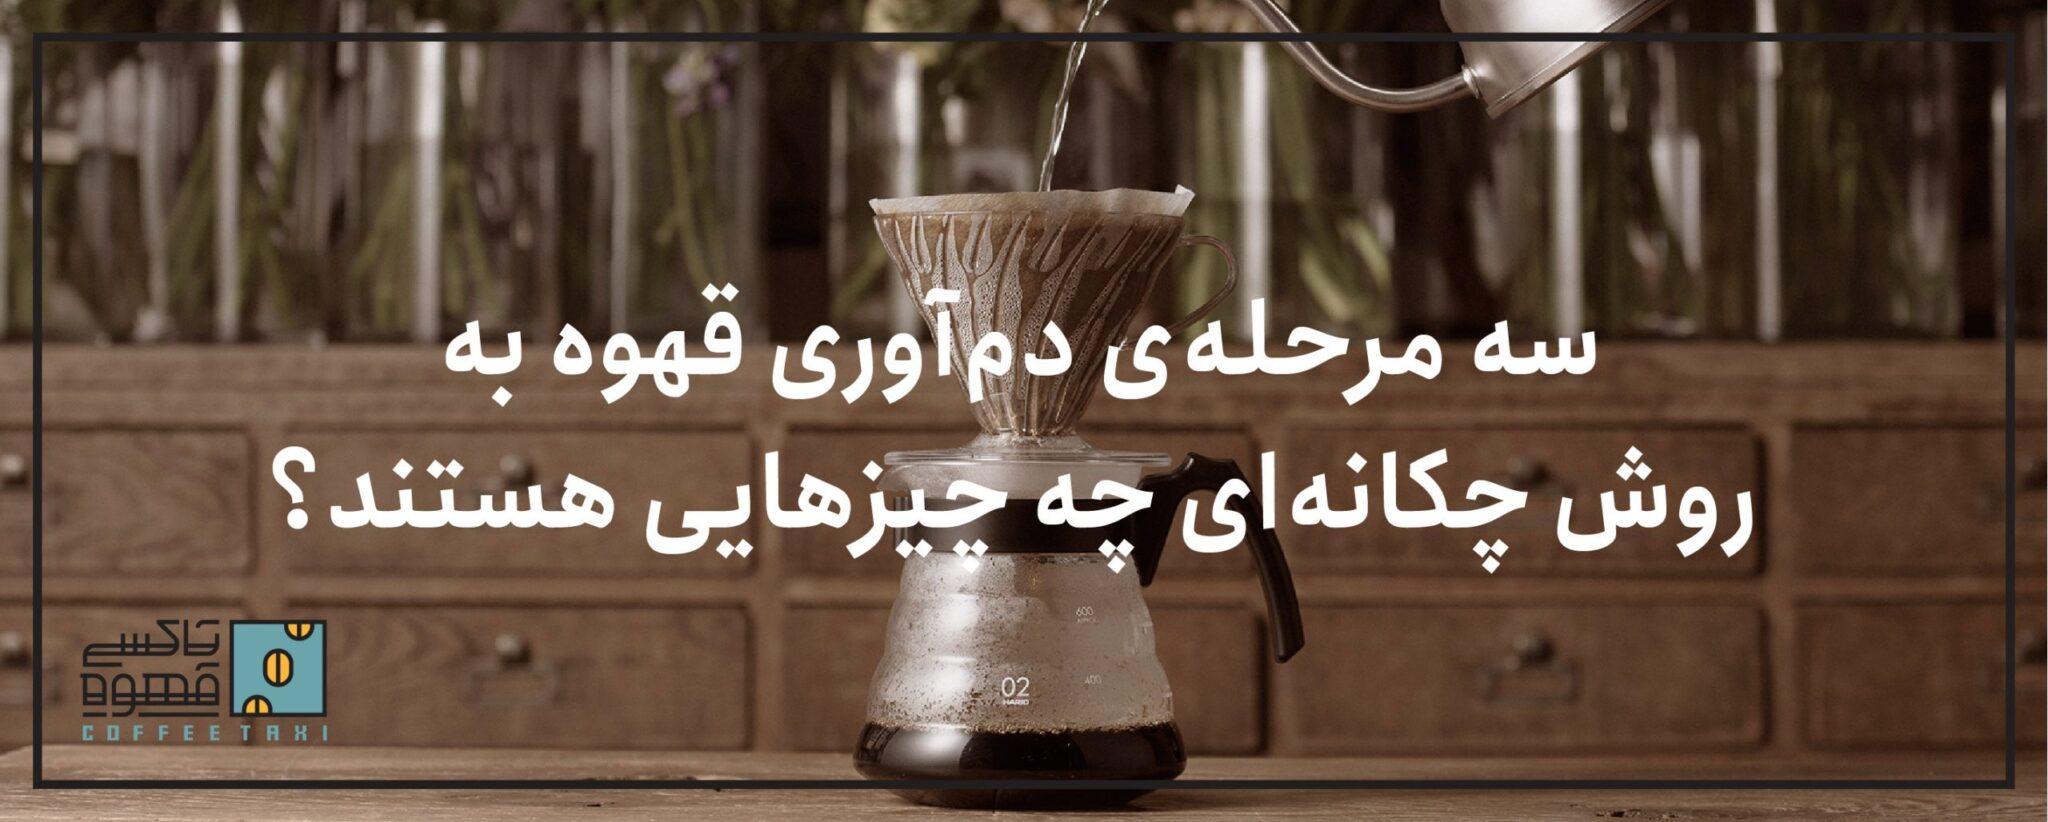 سه مرحلهی دمآوری قهوه به روش چکانهای چه چیزهایی هستند؟